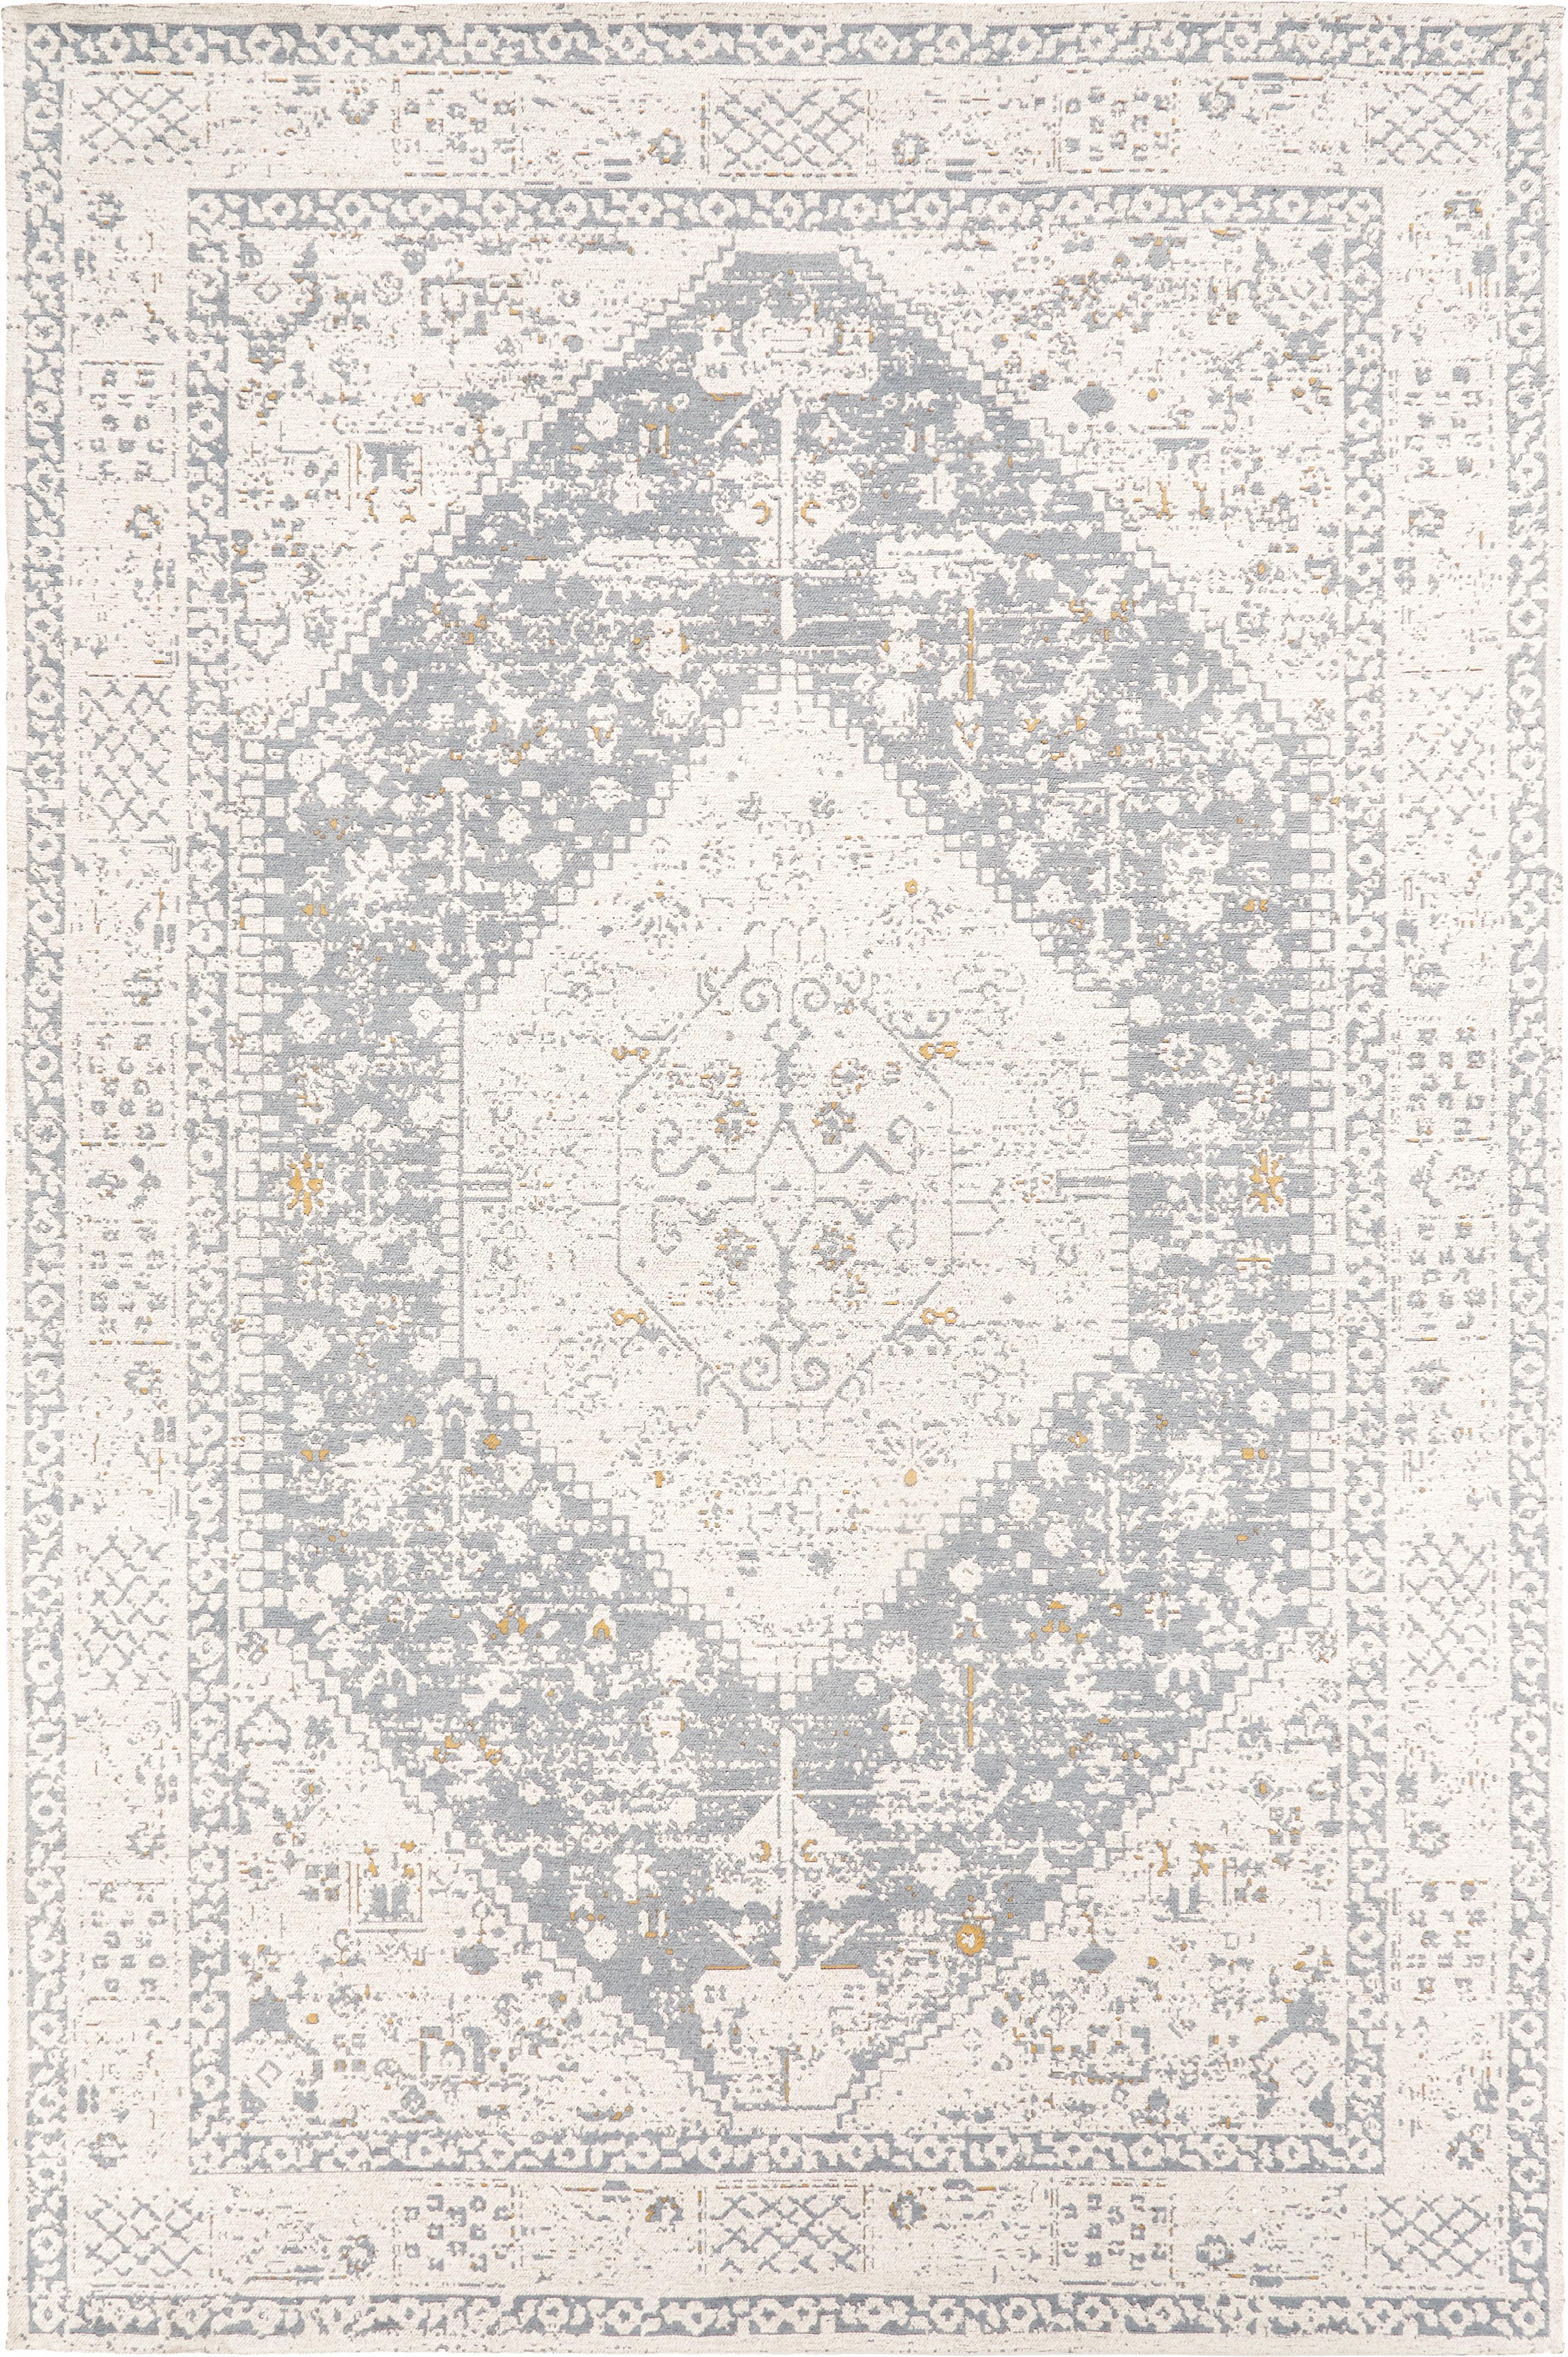 Handgewebter Chenilleteppich Neapel im Vintage Style, Flor: 95% Baumwolle, 5% Polyest, Hellgrau, Creme, Taupe, B 160 x L 230 cm (Grösse M)